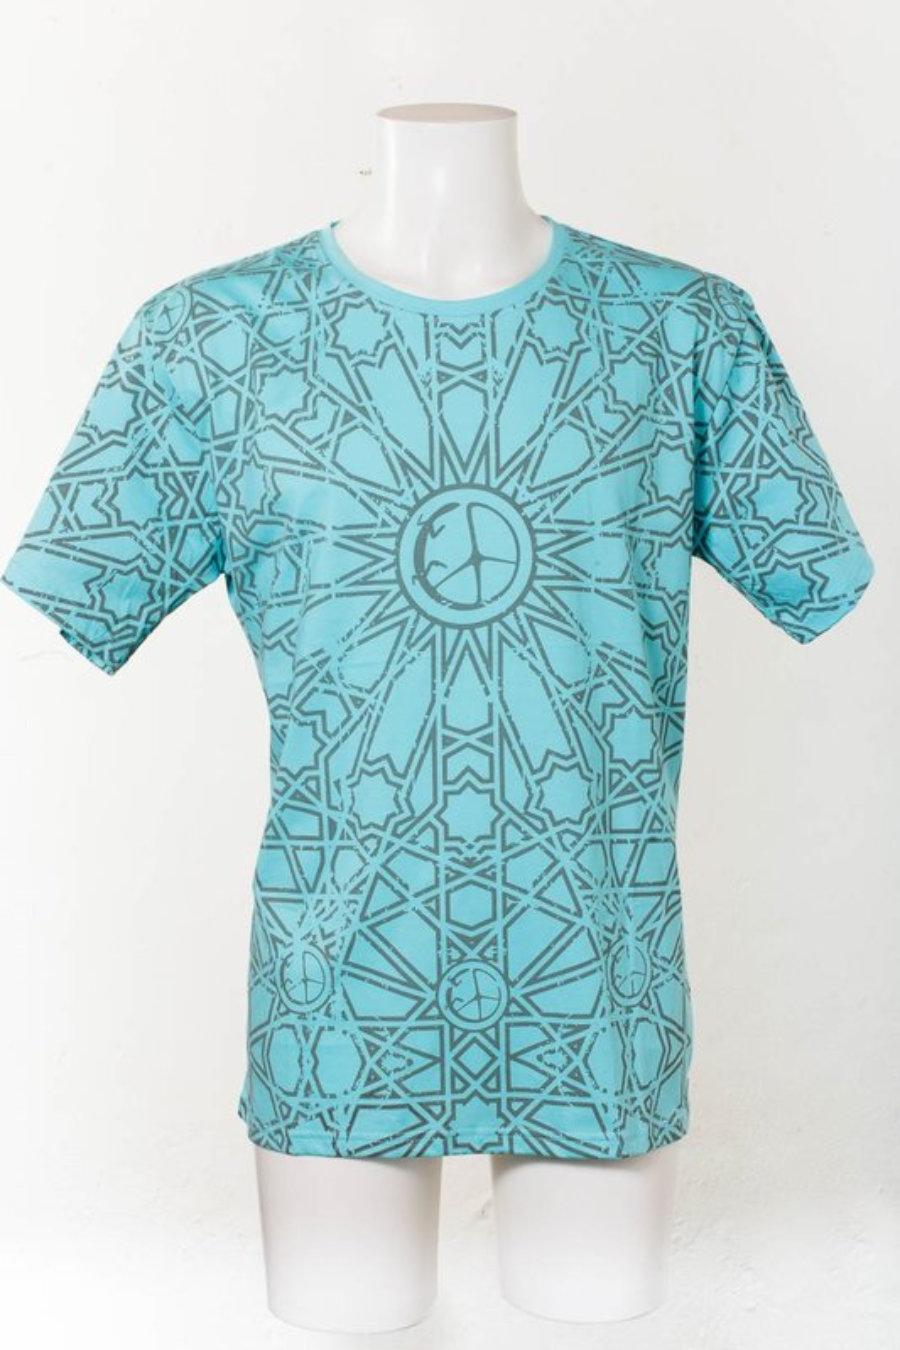 Camiseta full print